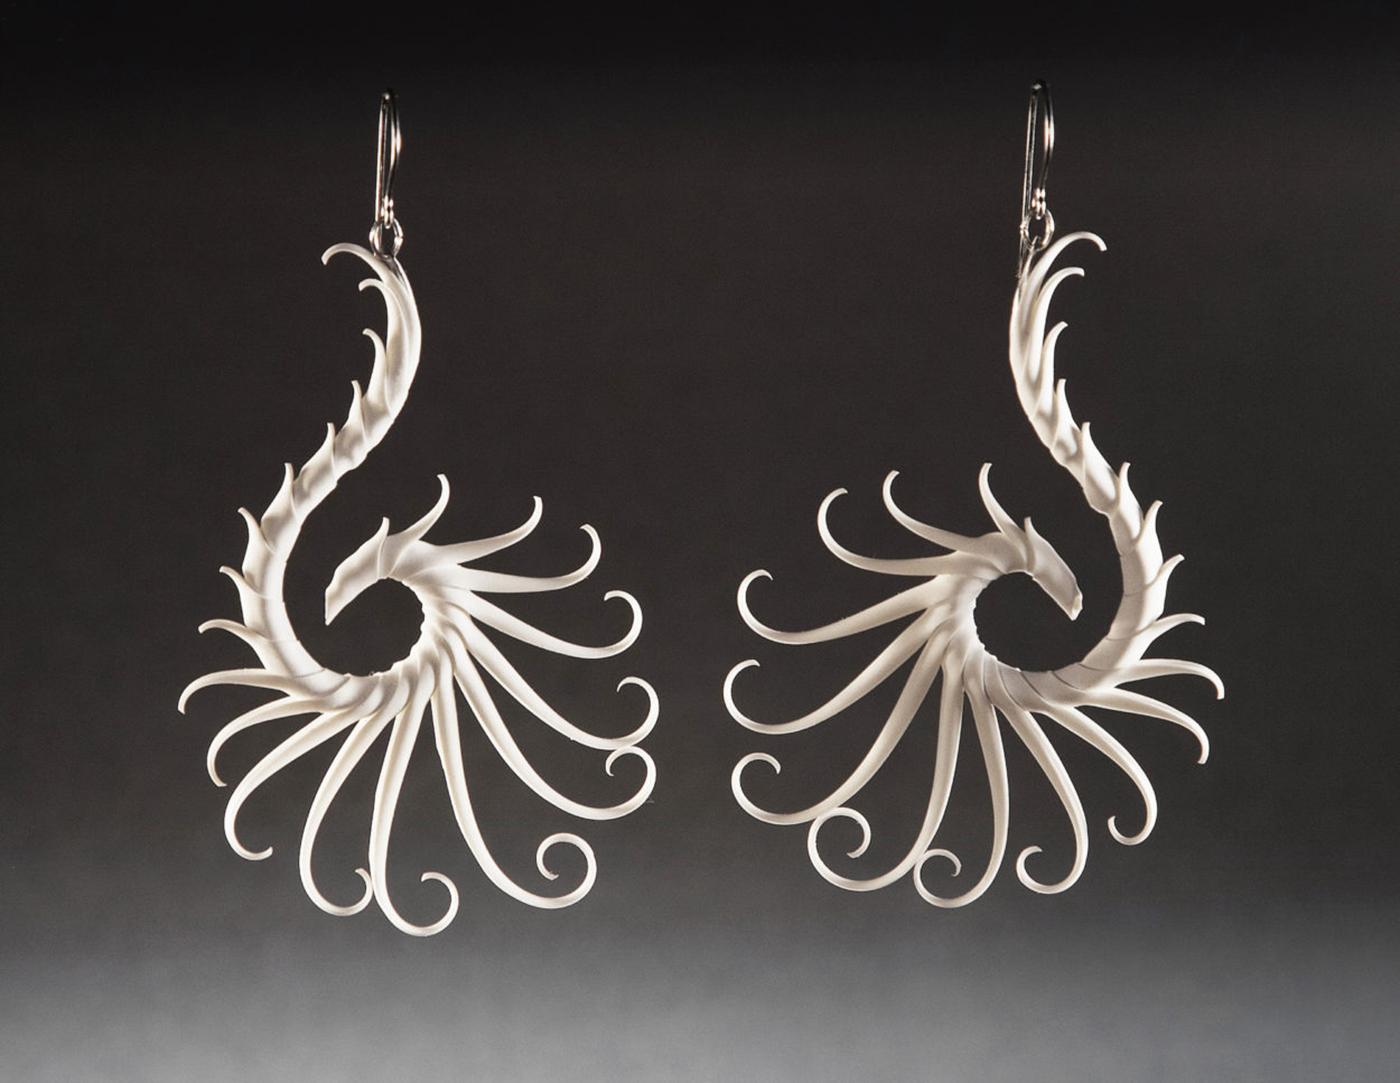 Zoa Chimerum Jewelry